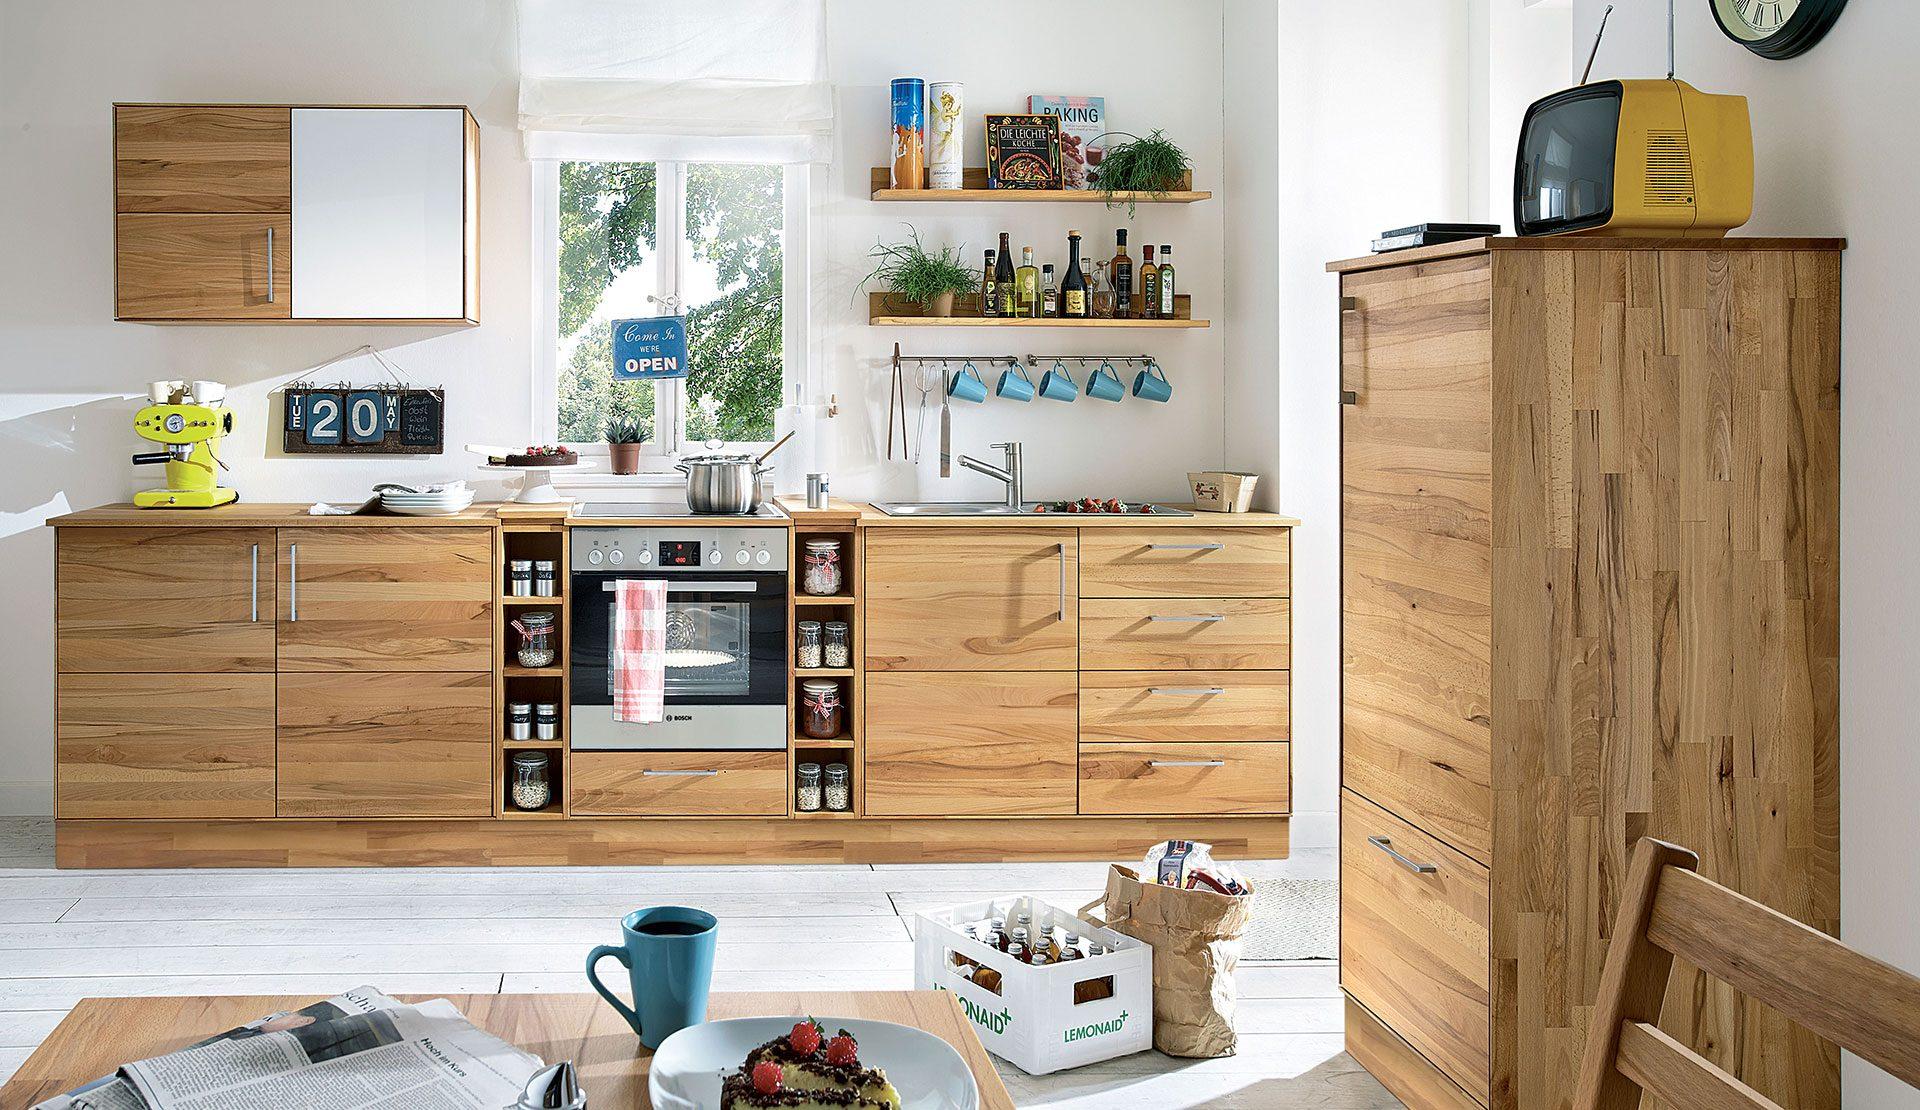 Full Size of Küche Erweitern Kleine L Form Mobile Billig Bodenbelag Inselküche Betonoptik Günstig Kaufen Landhausküche Grau Oberschrank Apothekerschrank Einbauküche Küche Küche Erweitern